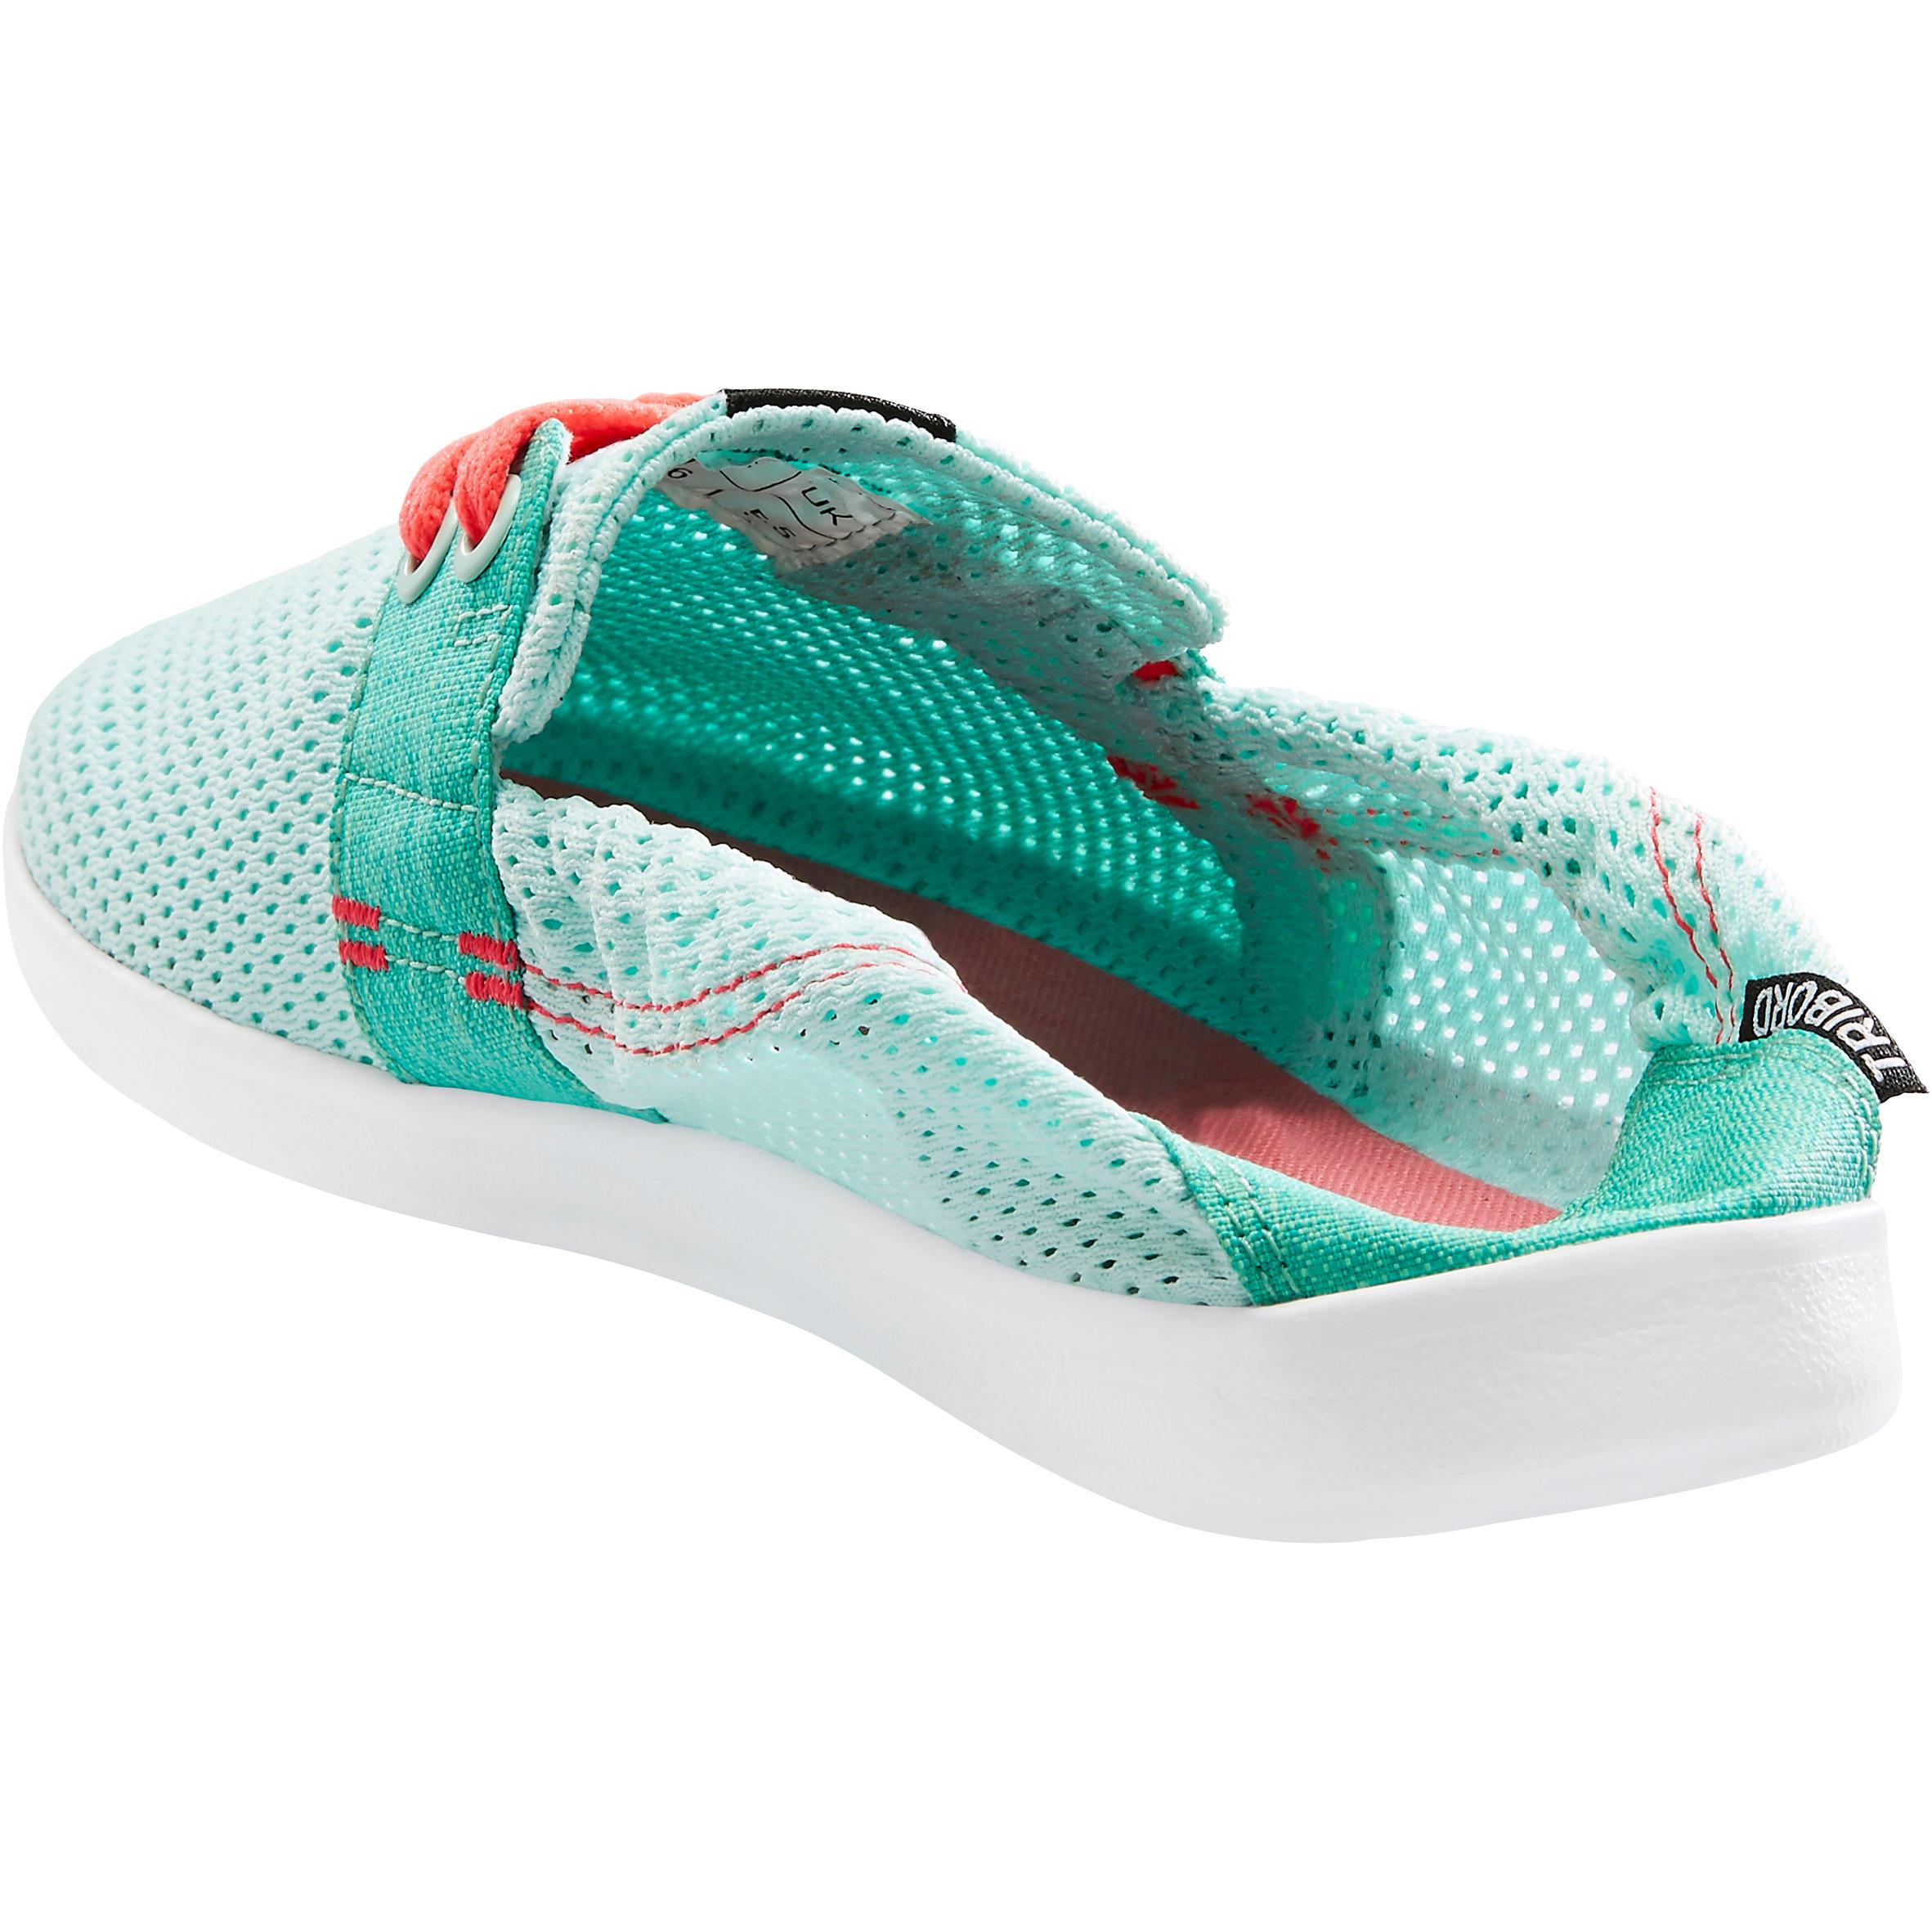 AREETA W Women's Shoes - Green